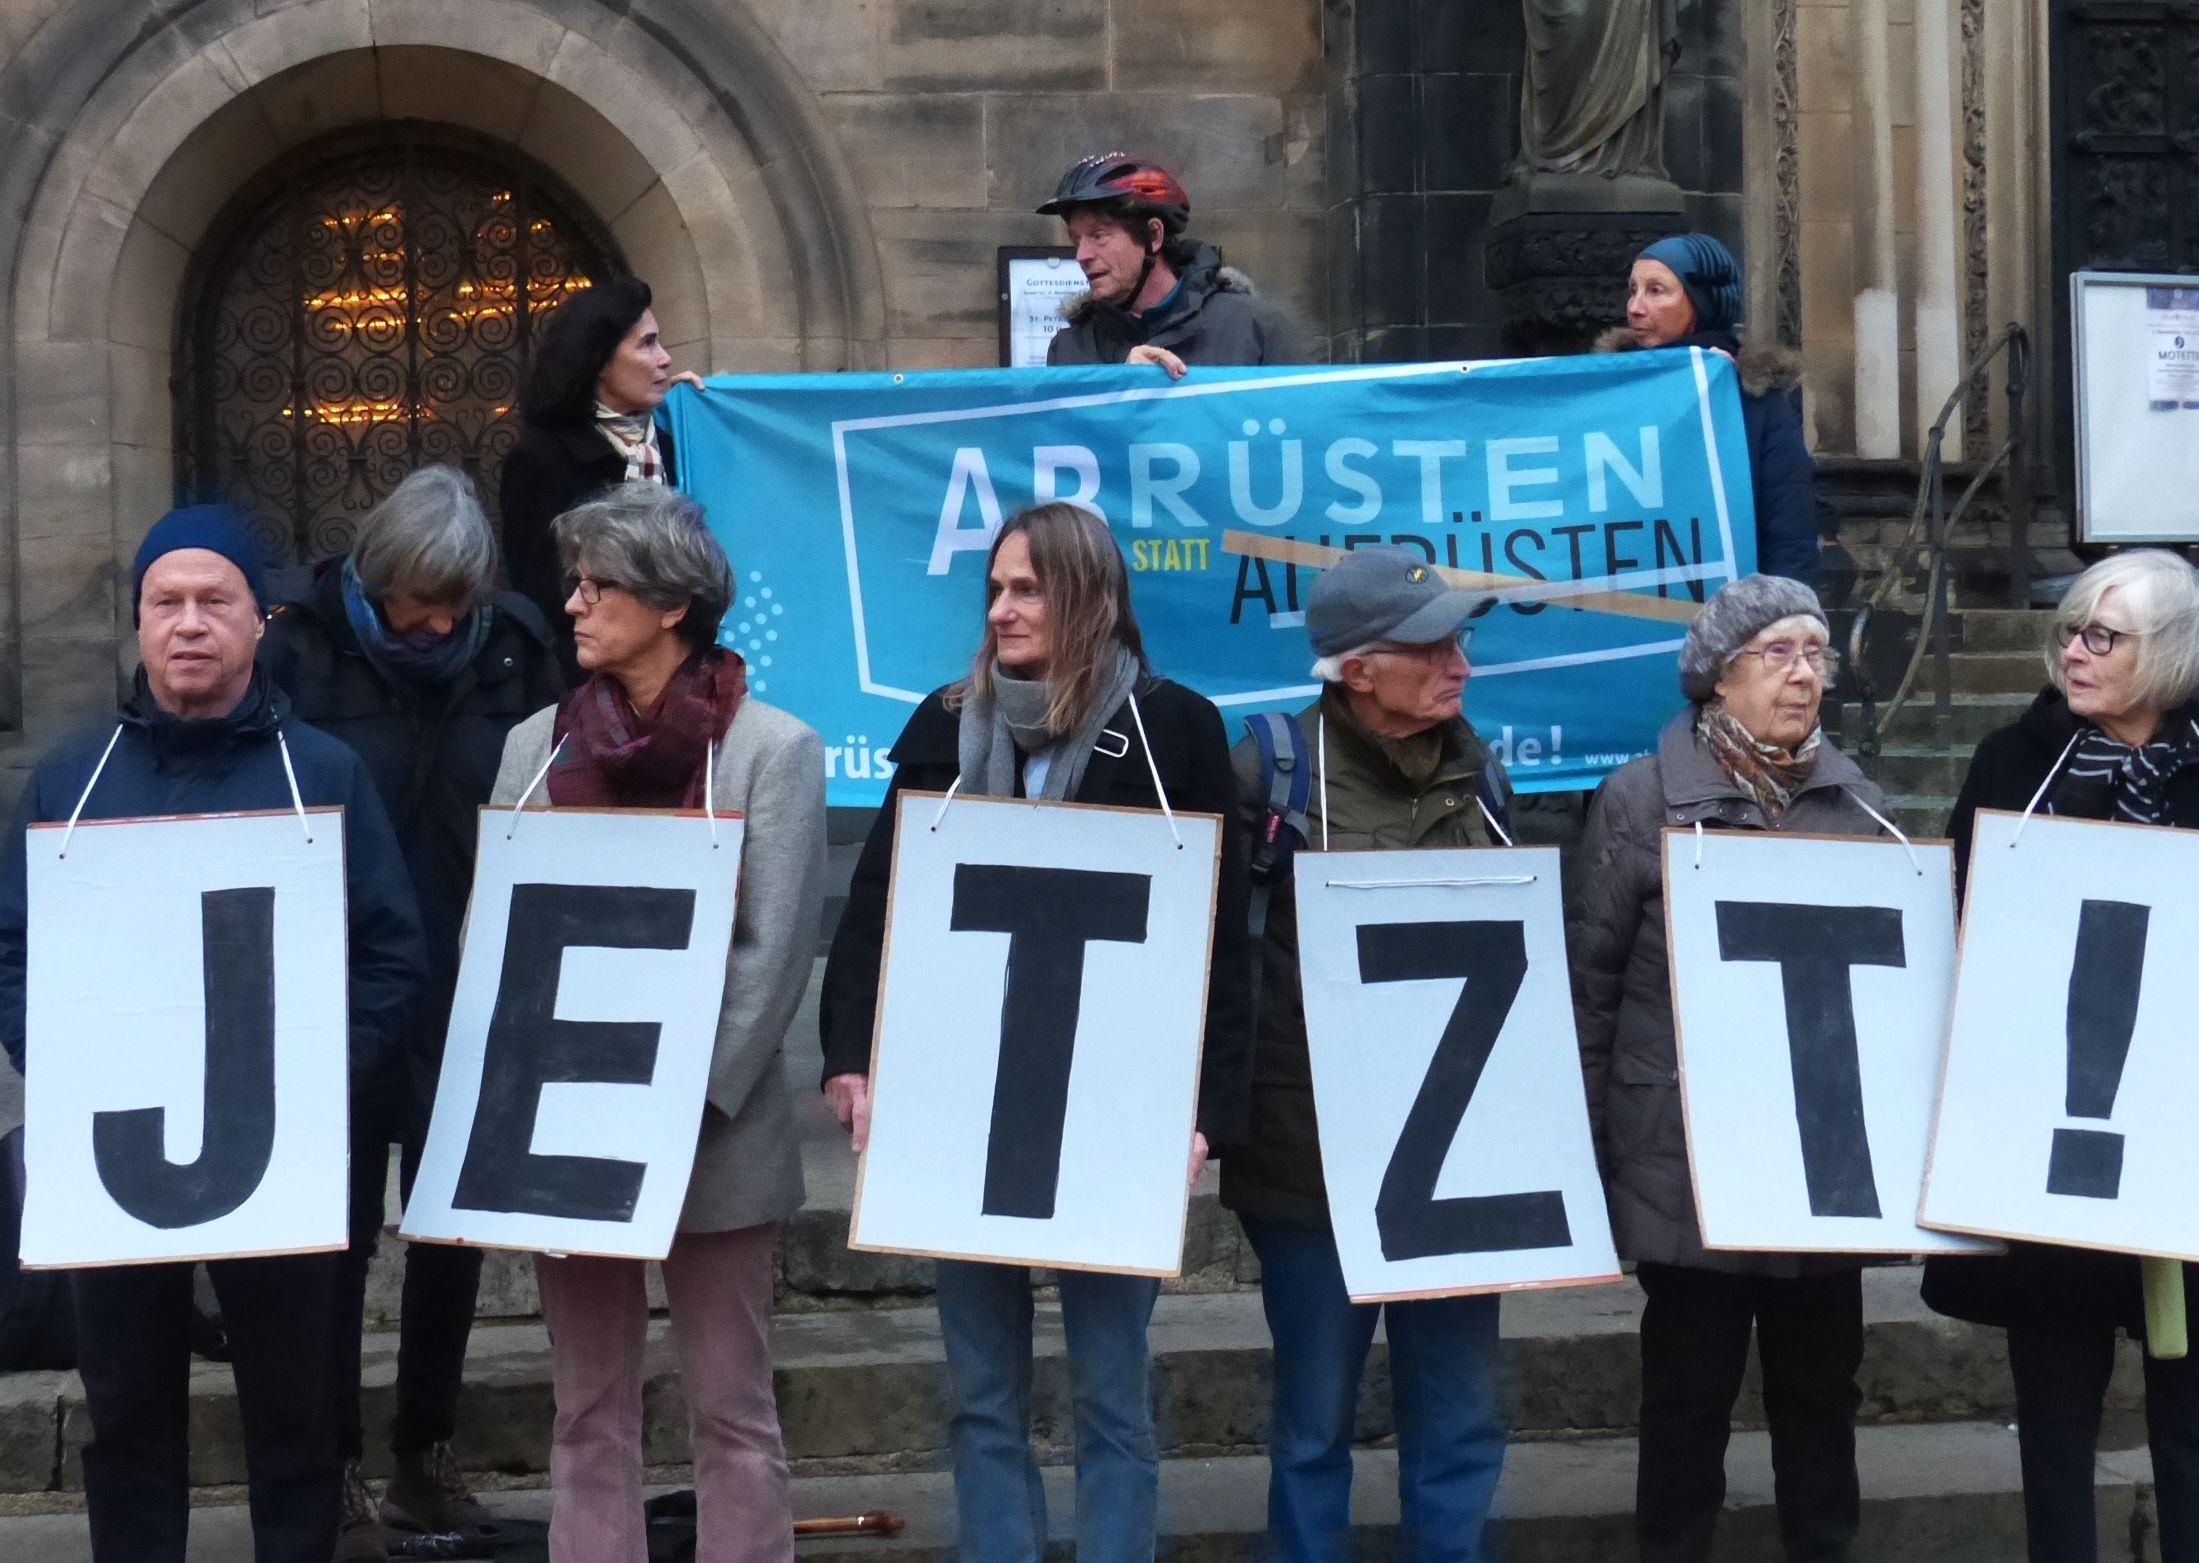 Abruesten-Aktion-Bremer-Friedensforums